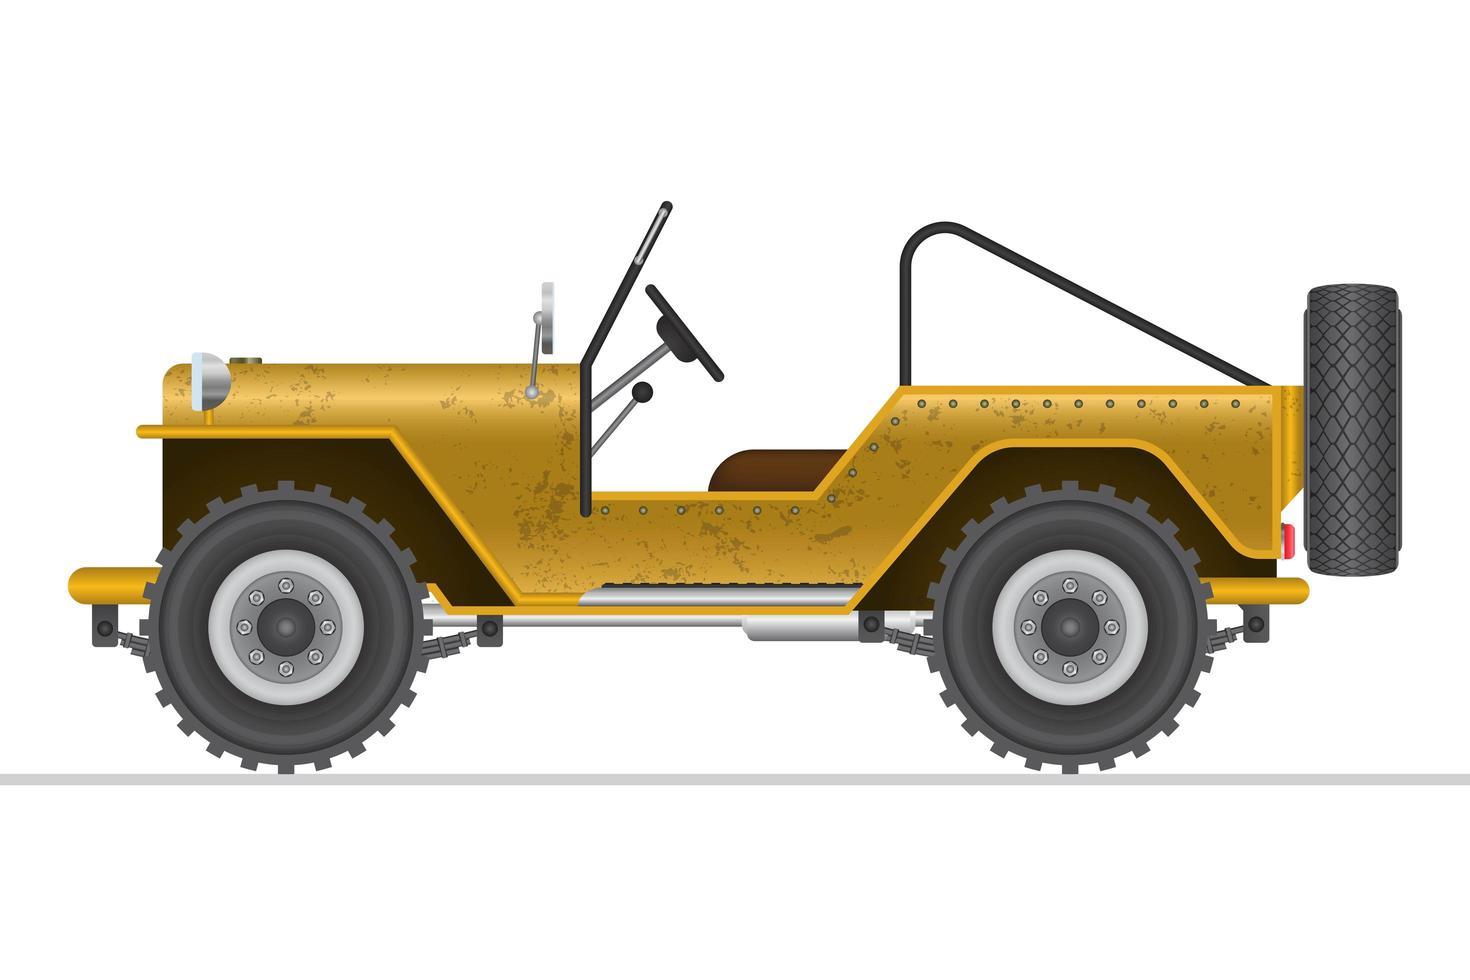 giallo militare fuoristrada auto isolata vettore